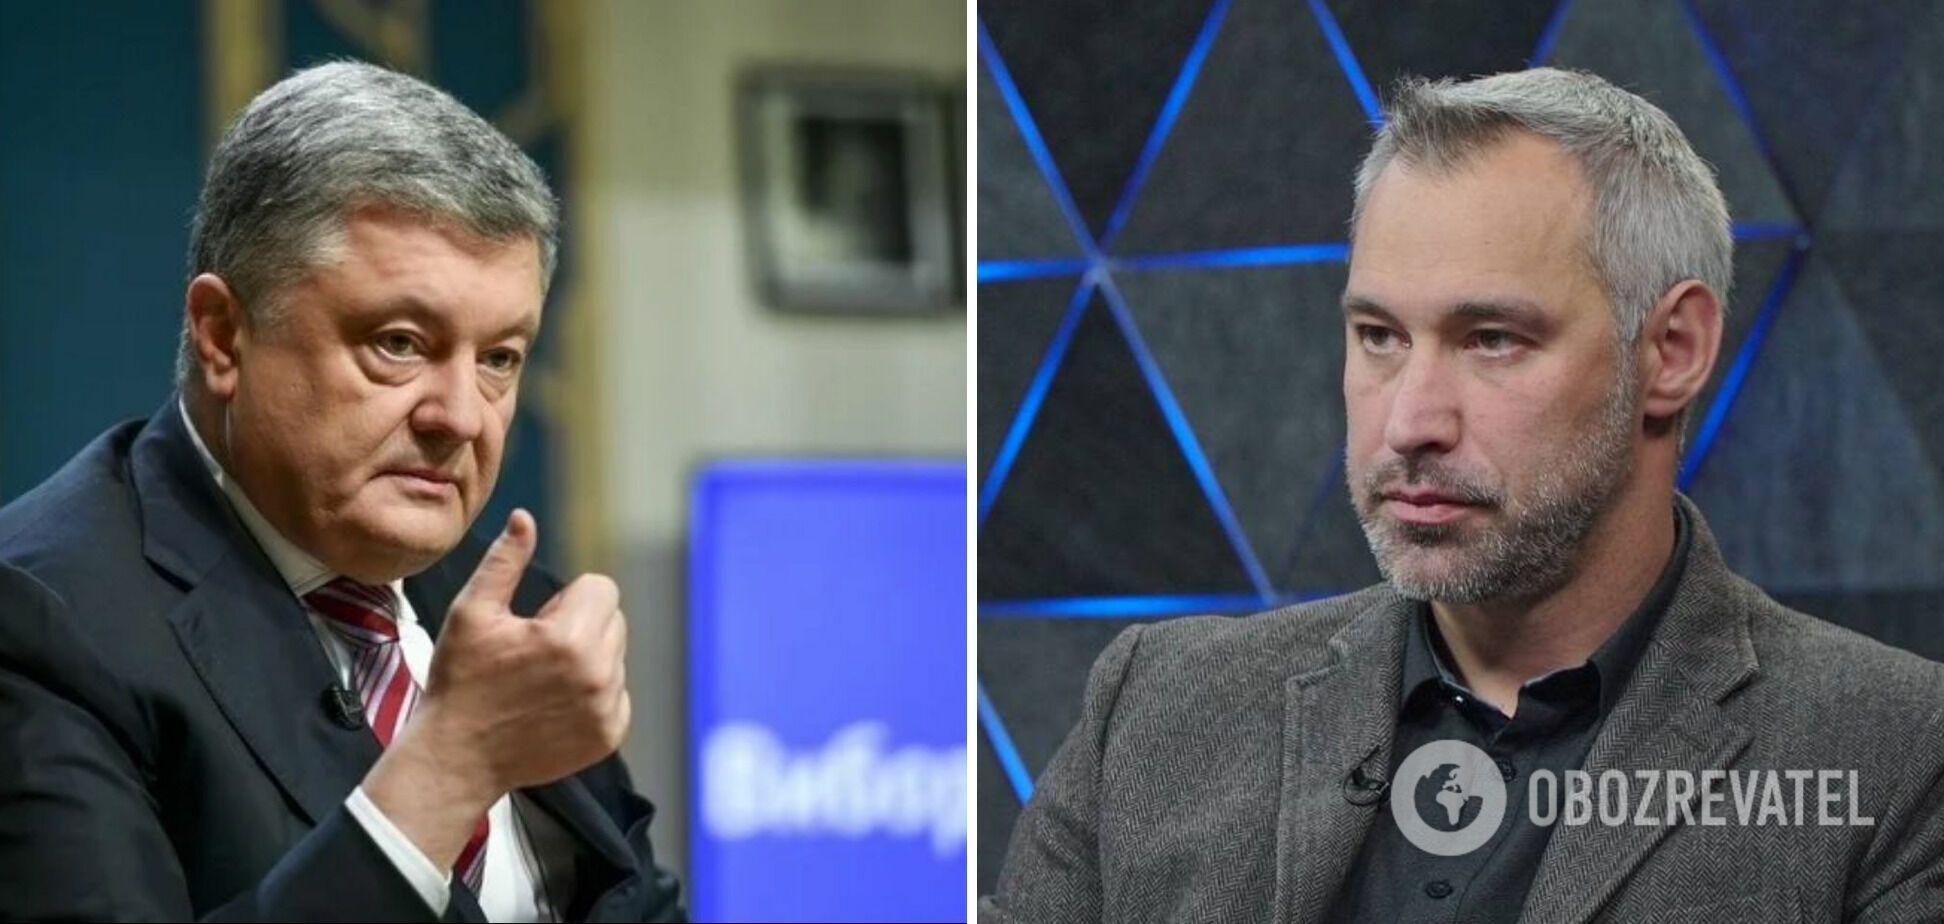 Рябошапка: я не подписал необоснованное подозрение против Порошенко